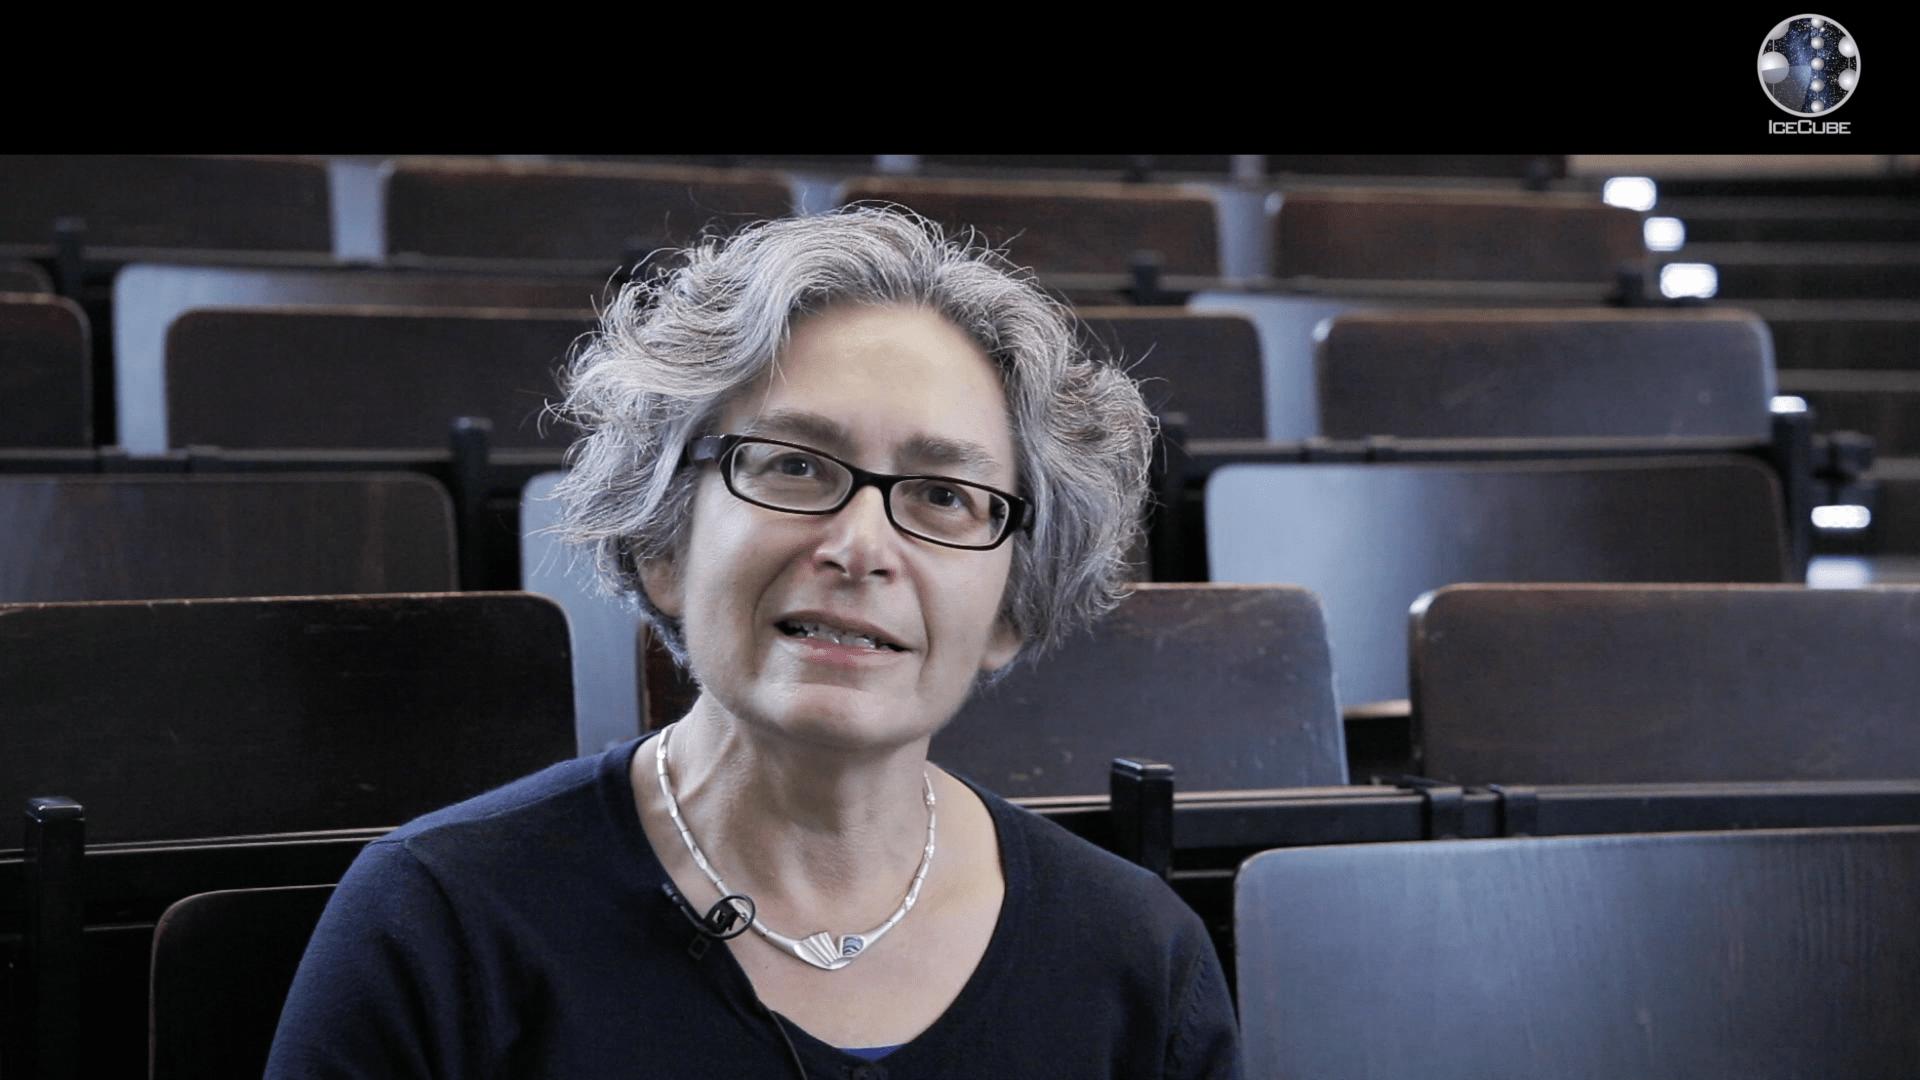 Olga Botner, IceCube Spokesperson, On extraterrestrial neutrinos, a breakthrough for IceCube science